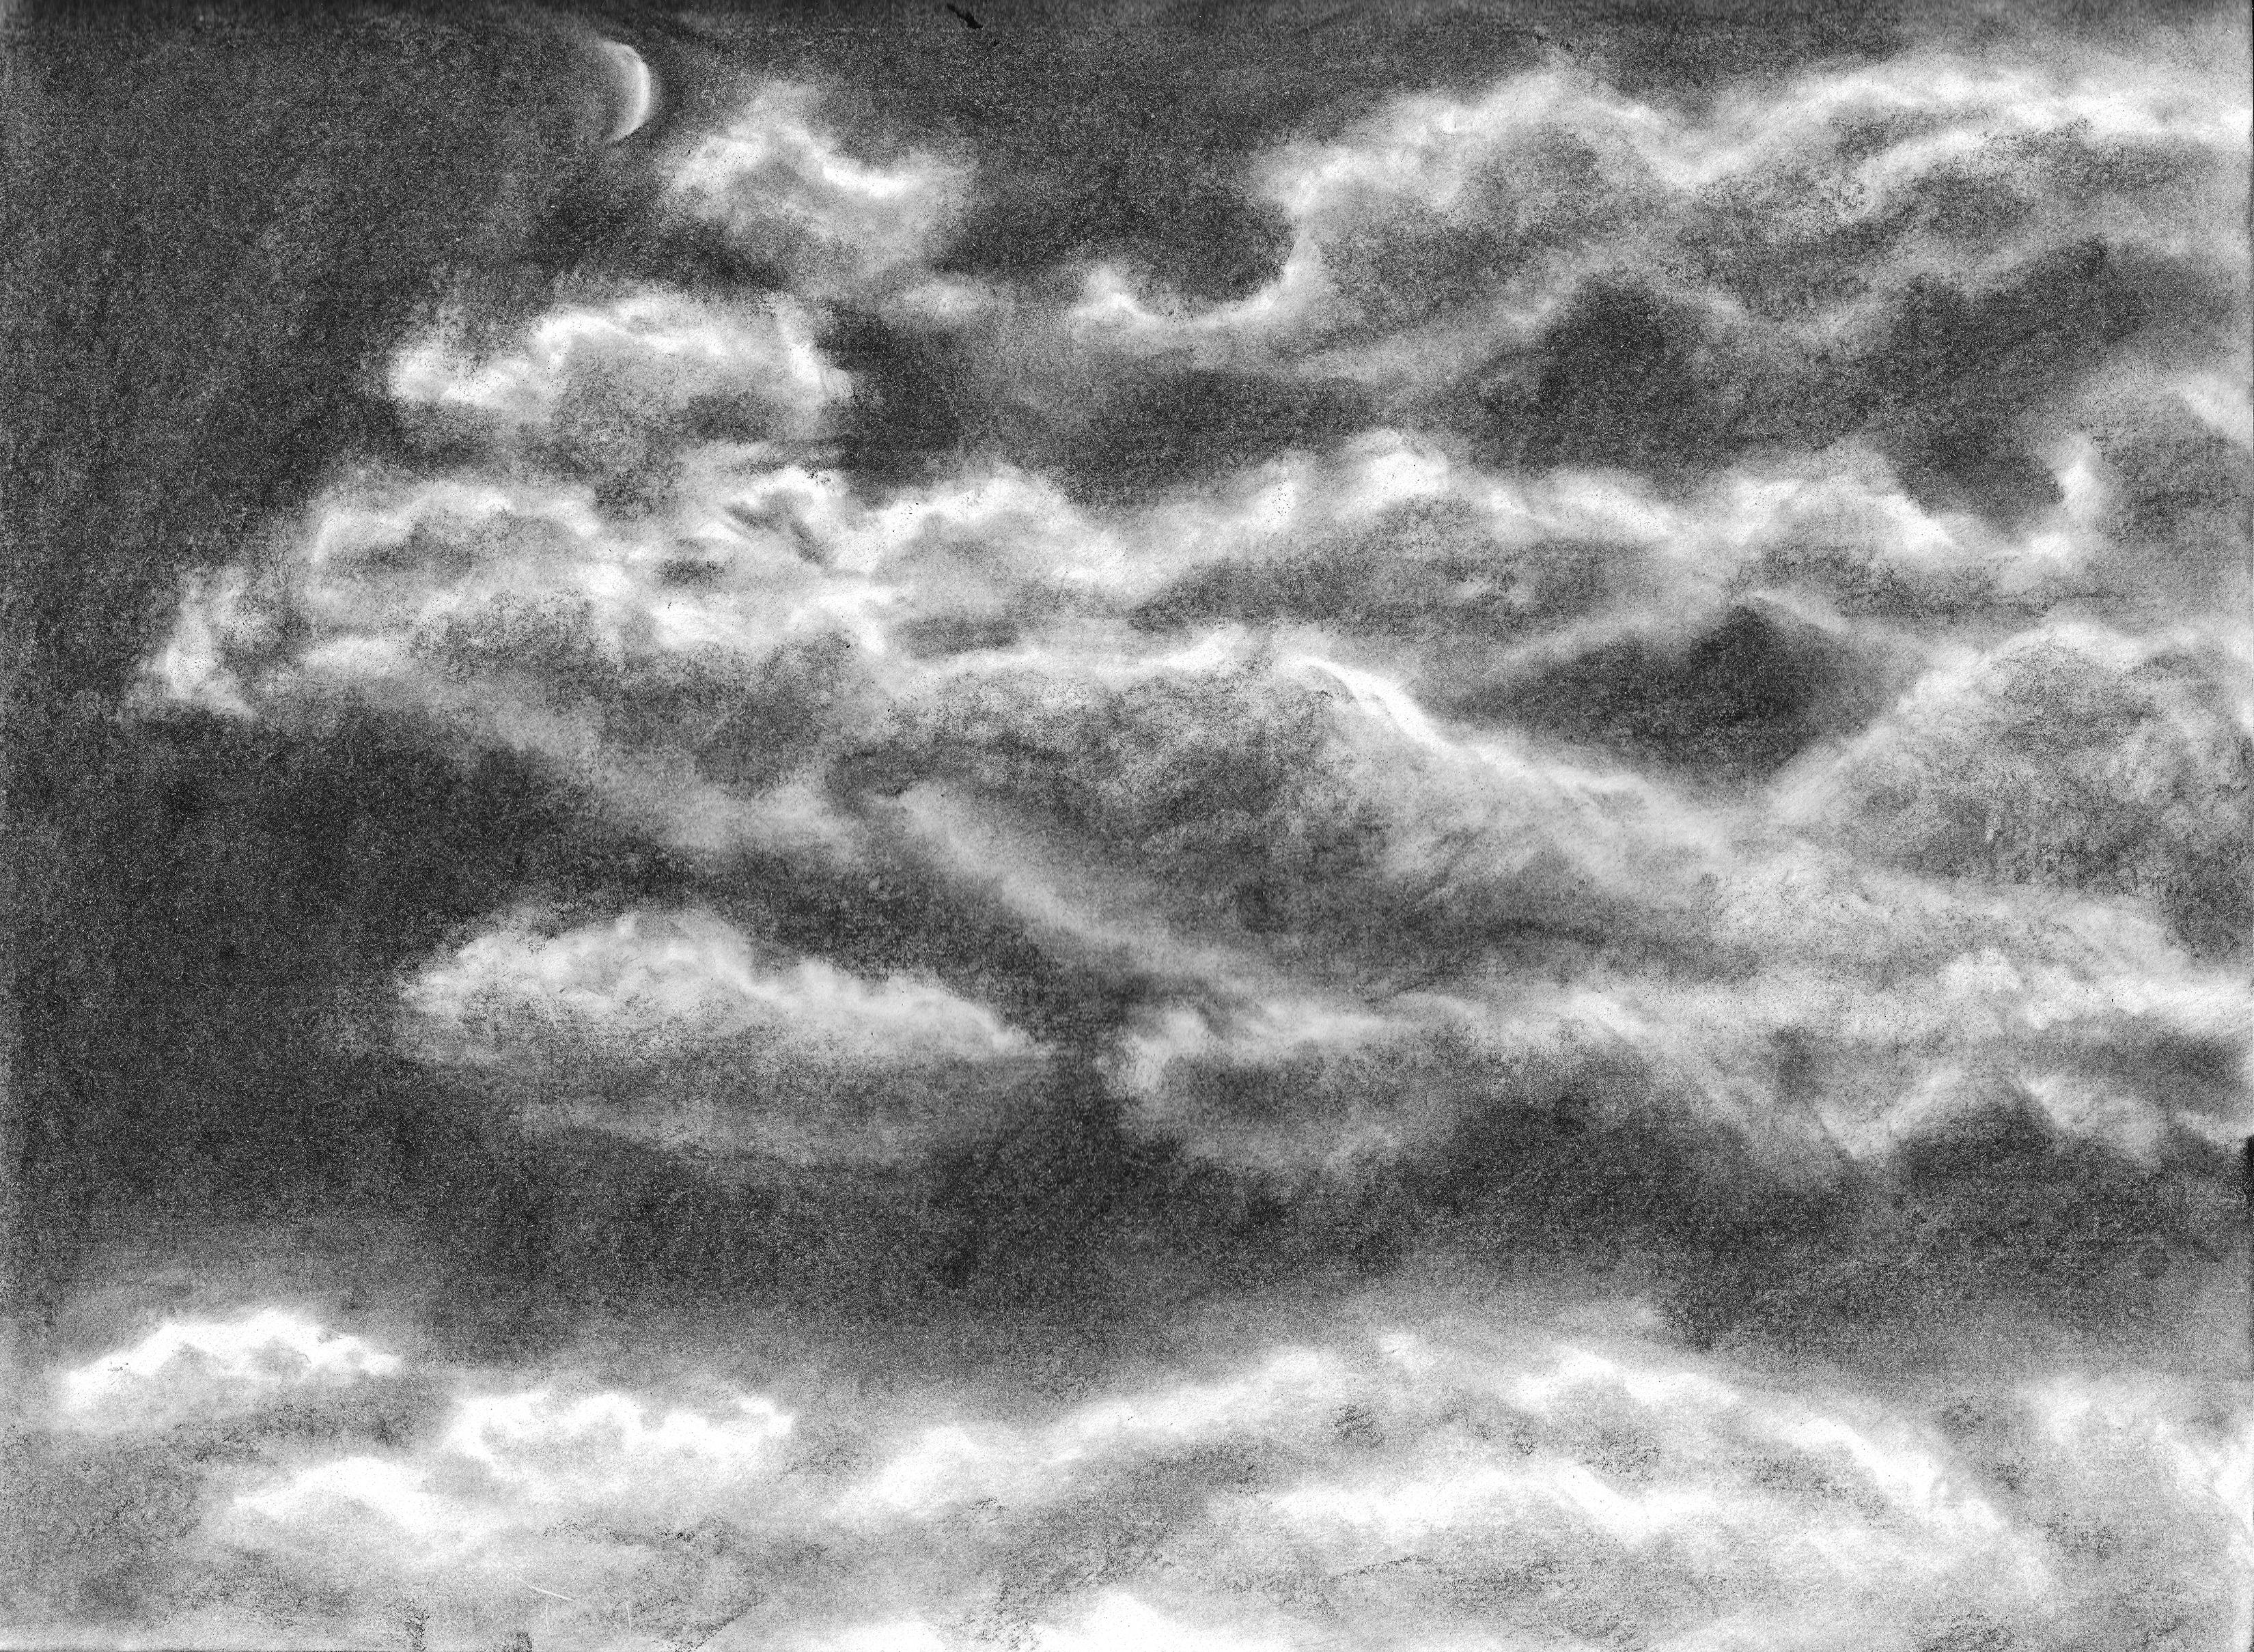 Cloud Book #18